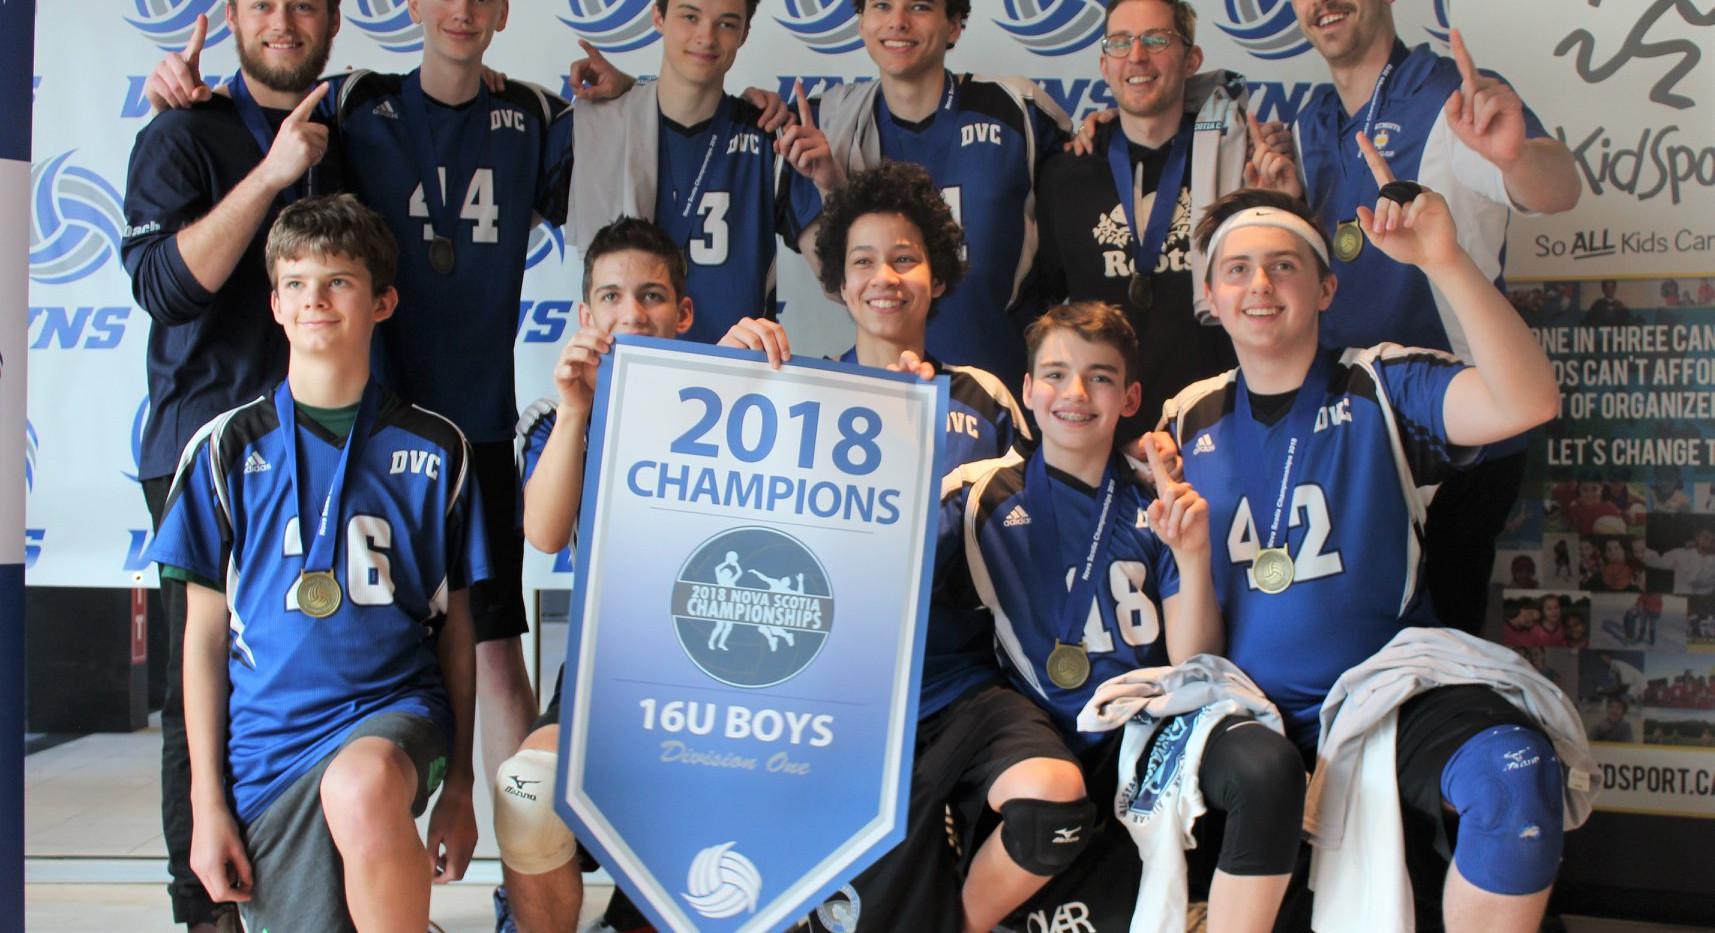 16U Boys T1.jpg